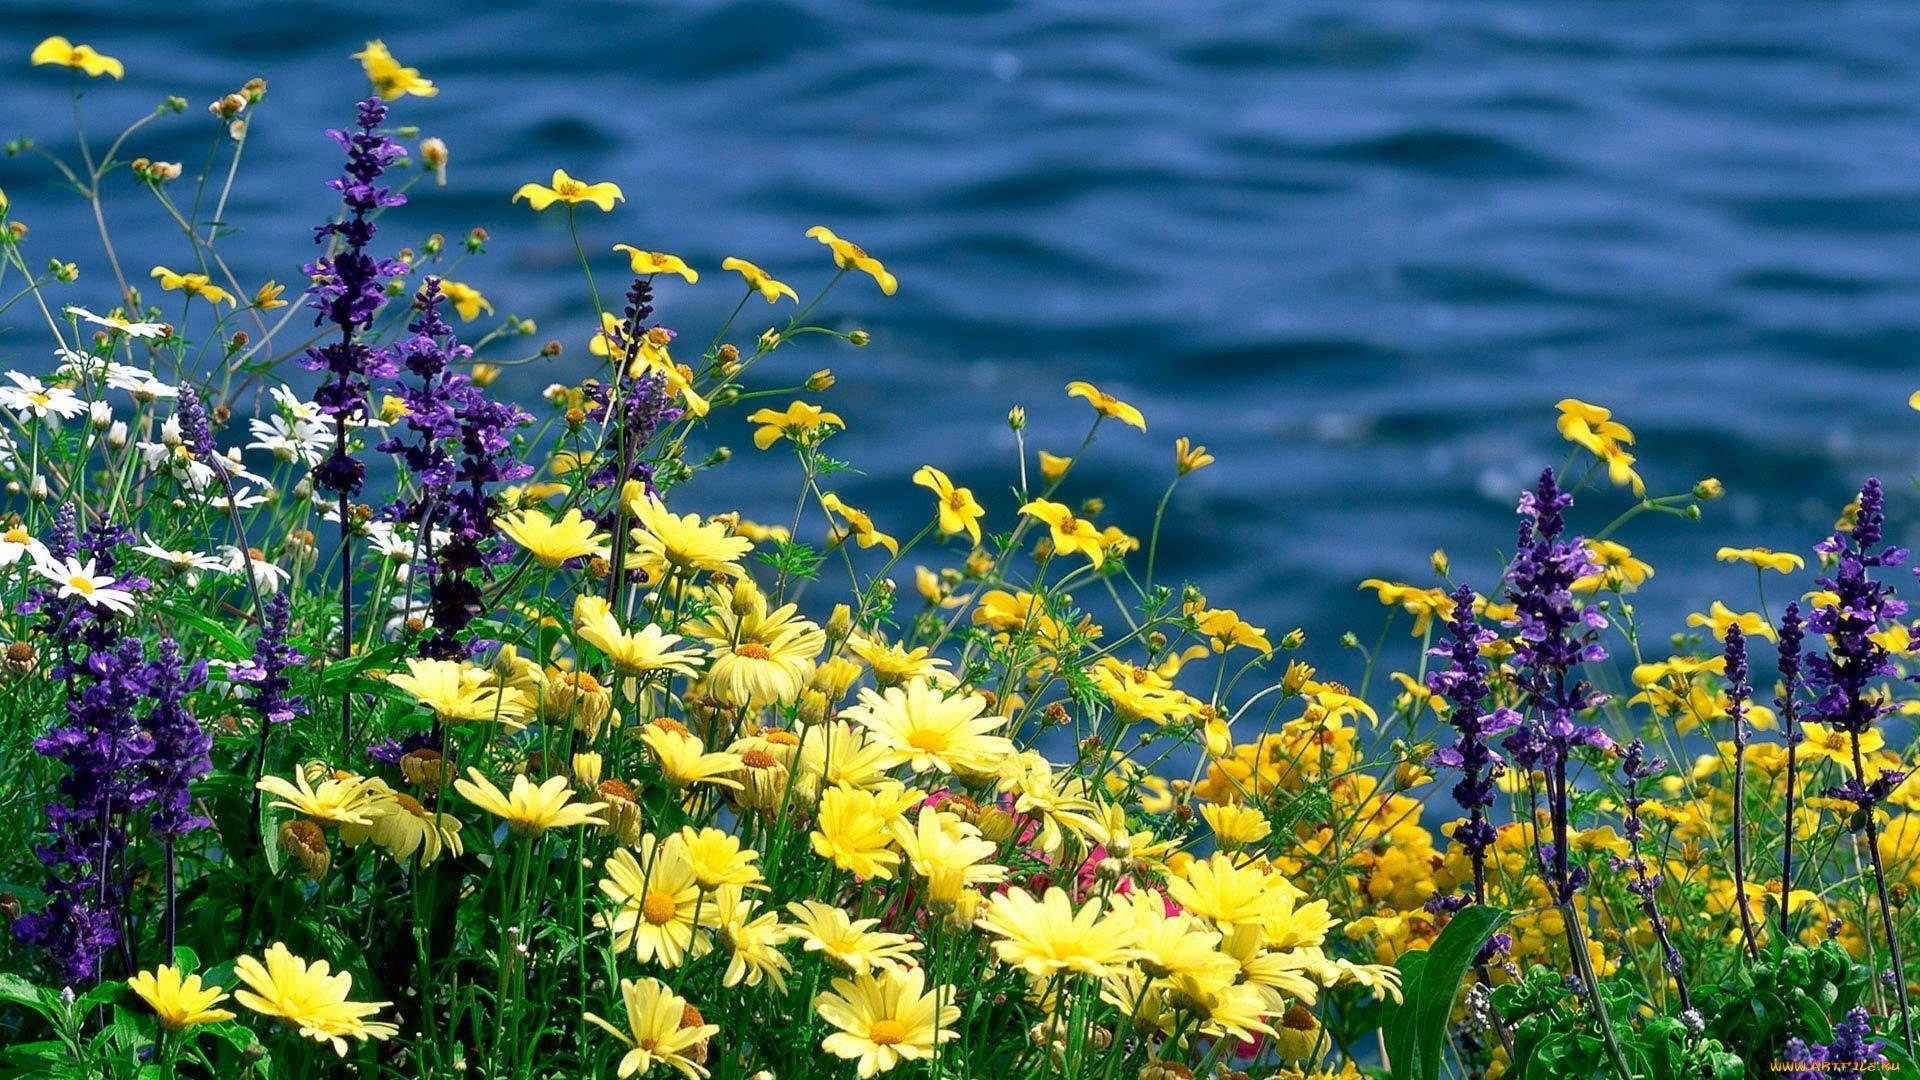 решение фото полевых цветов в хорошем качестве экземпляр таксодиума мексиканского